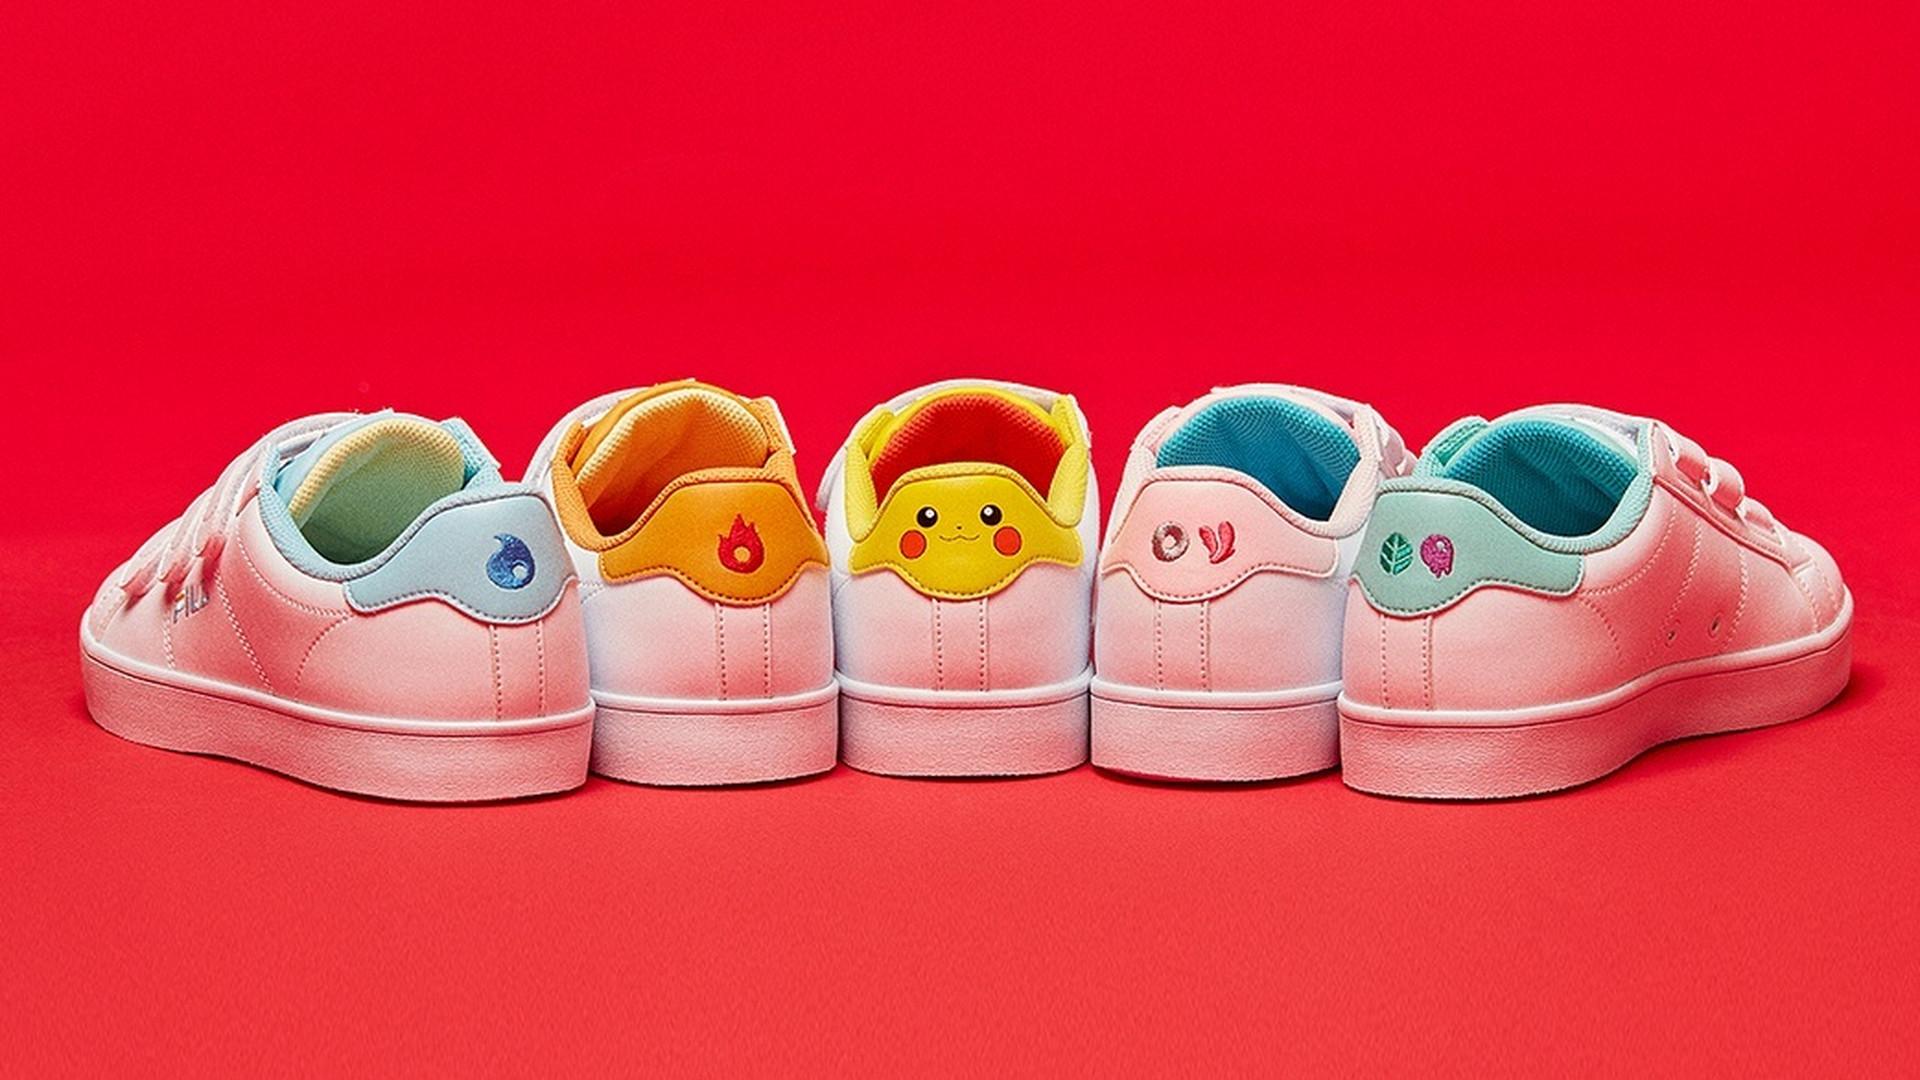 Jetzt Ein Auch Pokémon Release Noizz Sneaker Gewidmet Bekommen 6bfv7yYg